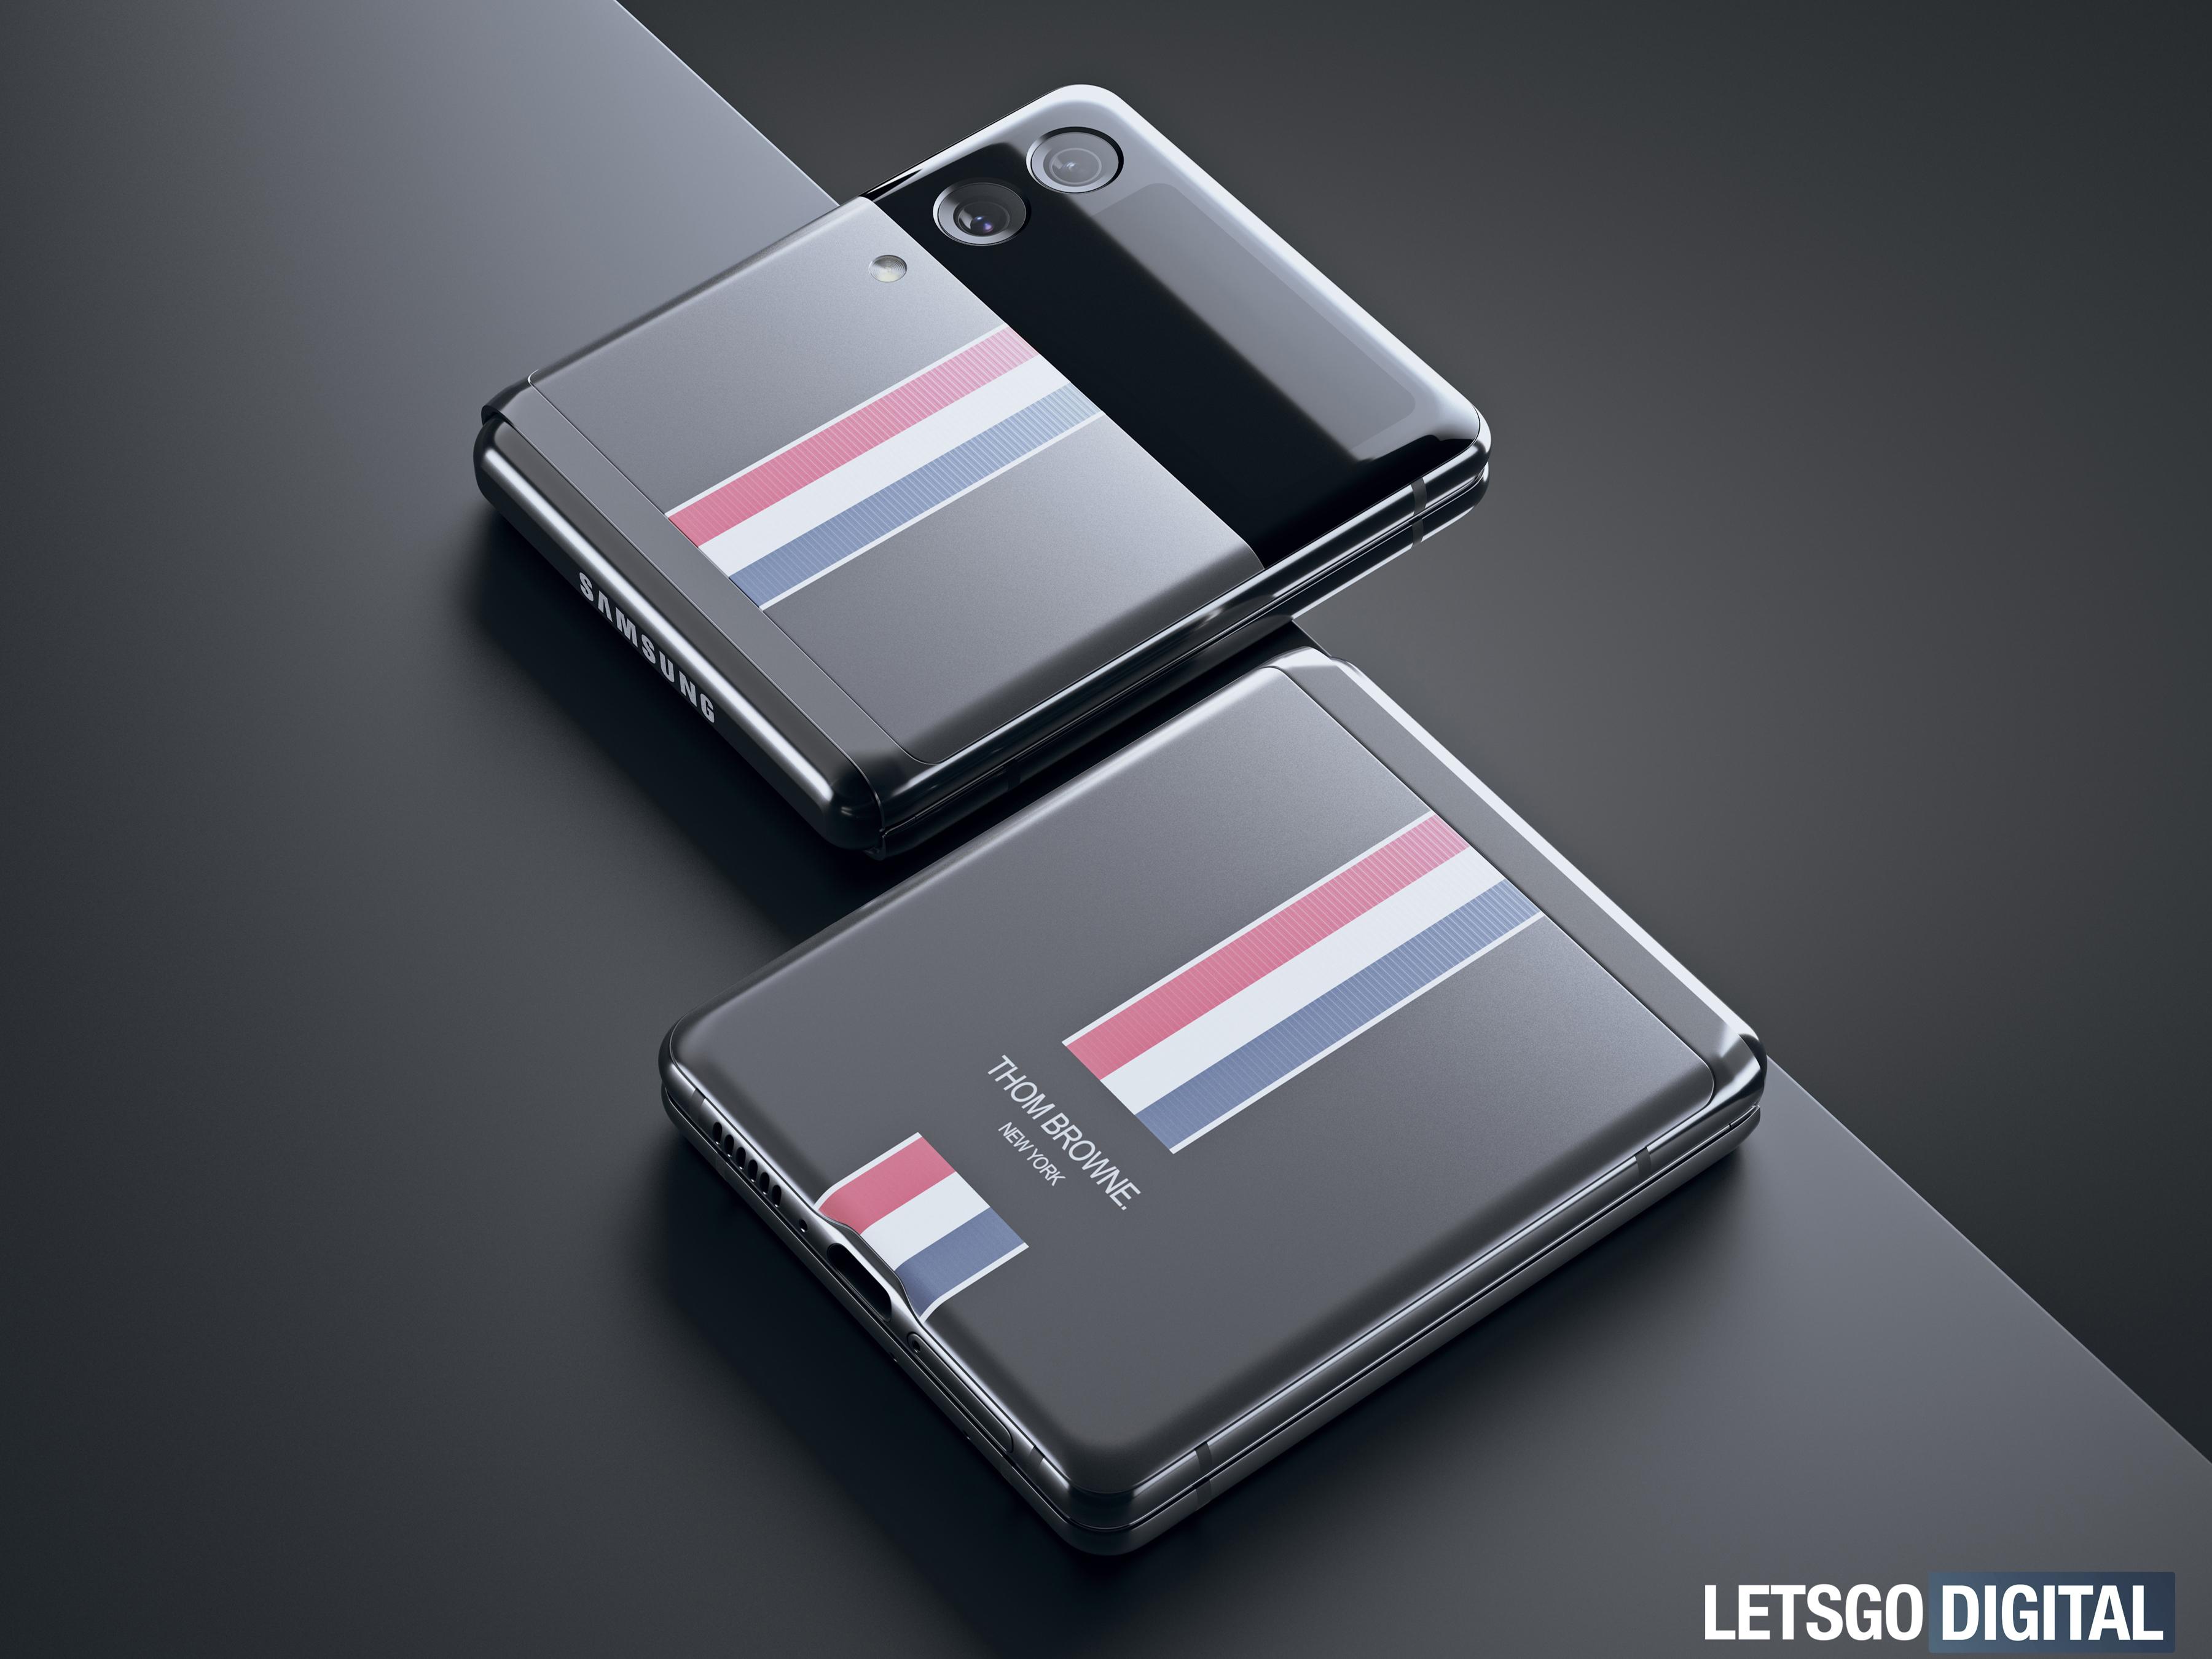 Samsung Galaxy Z Flip 3 Thom Browne